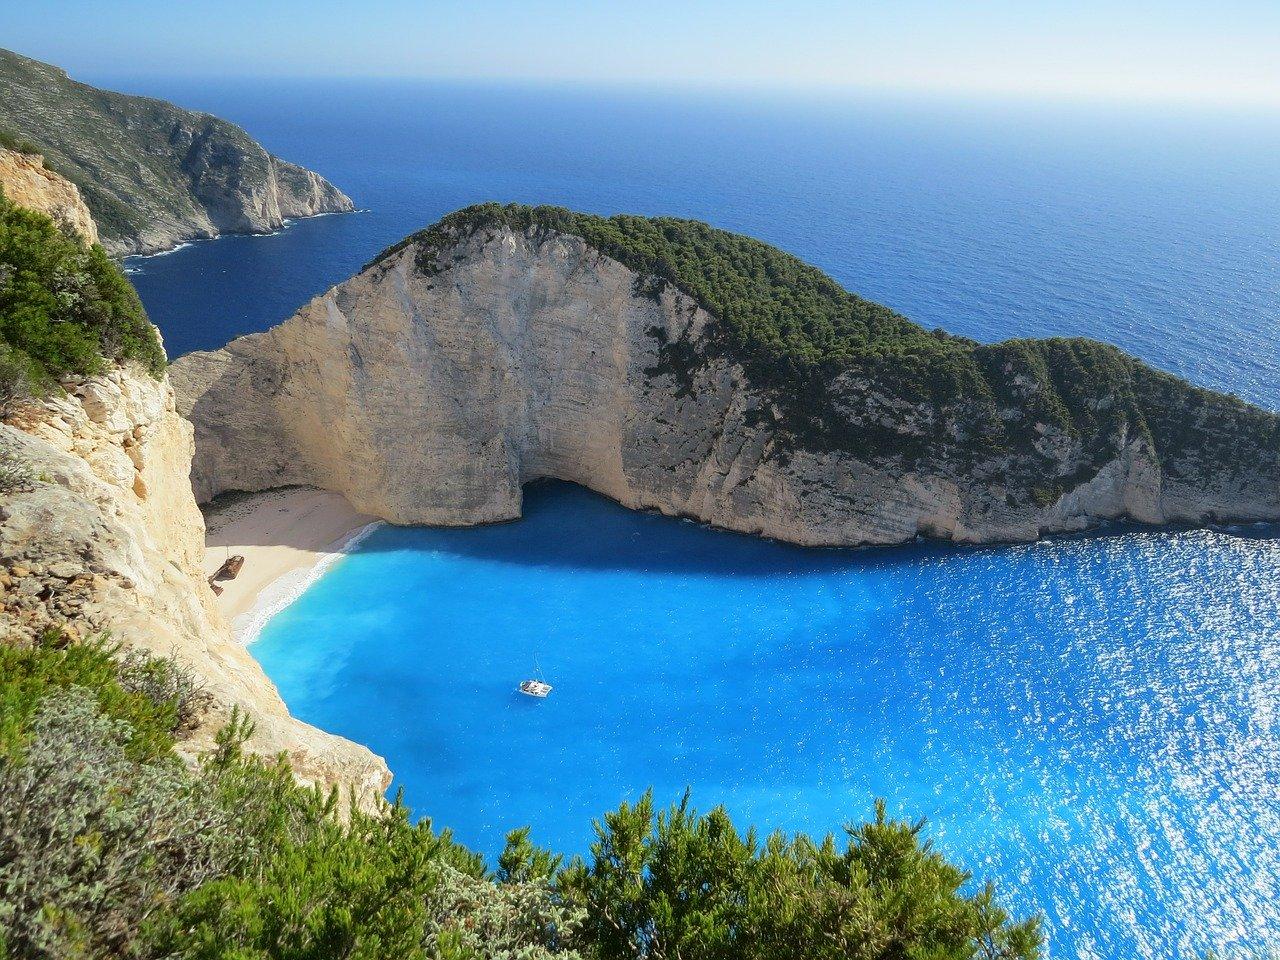 grecia cu familia concediu cu familia grecia insule grecia